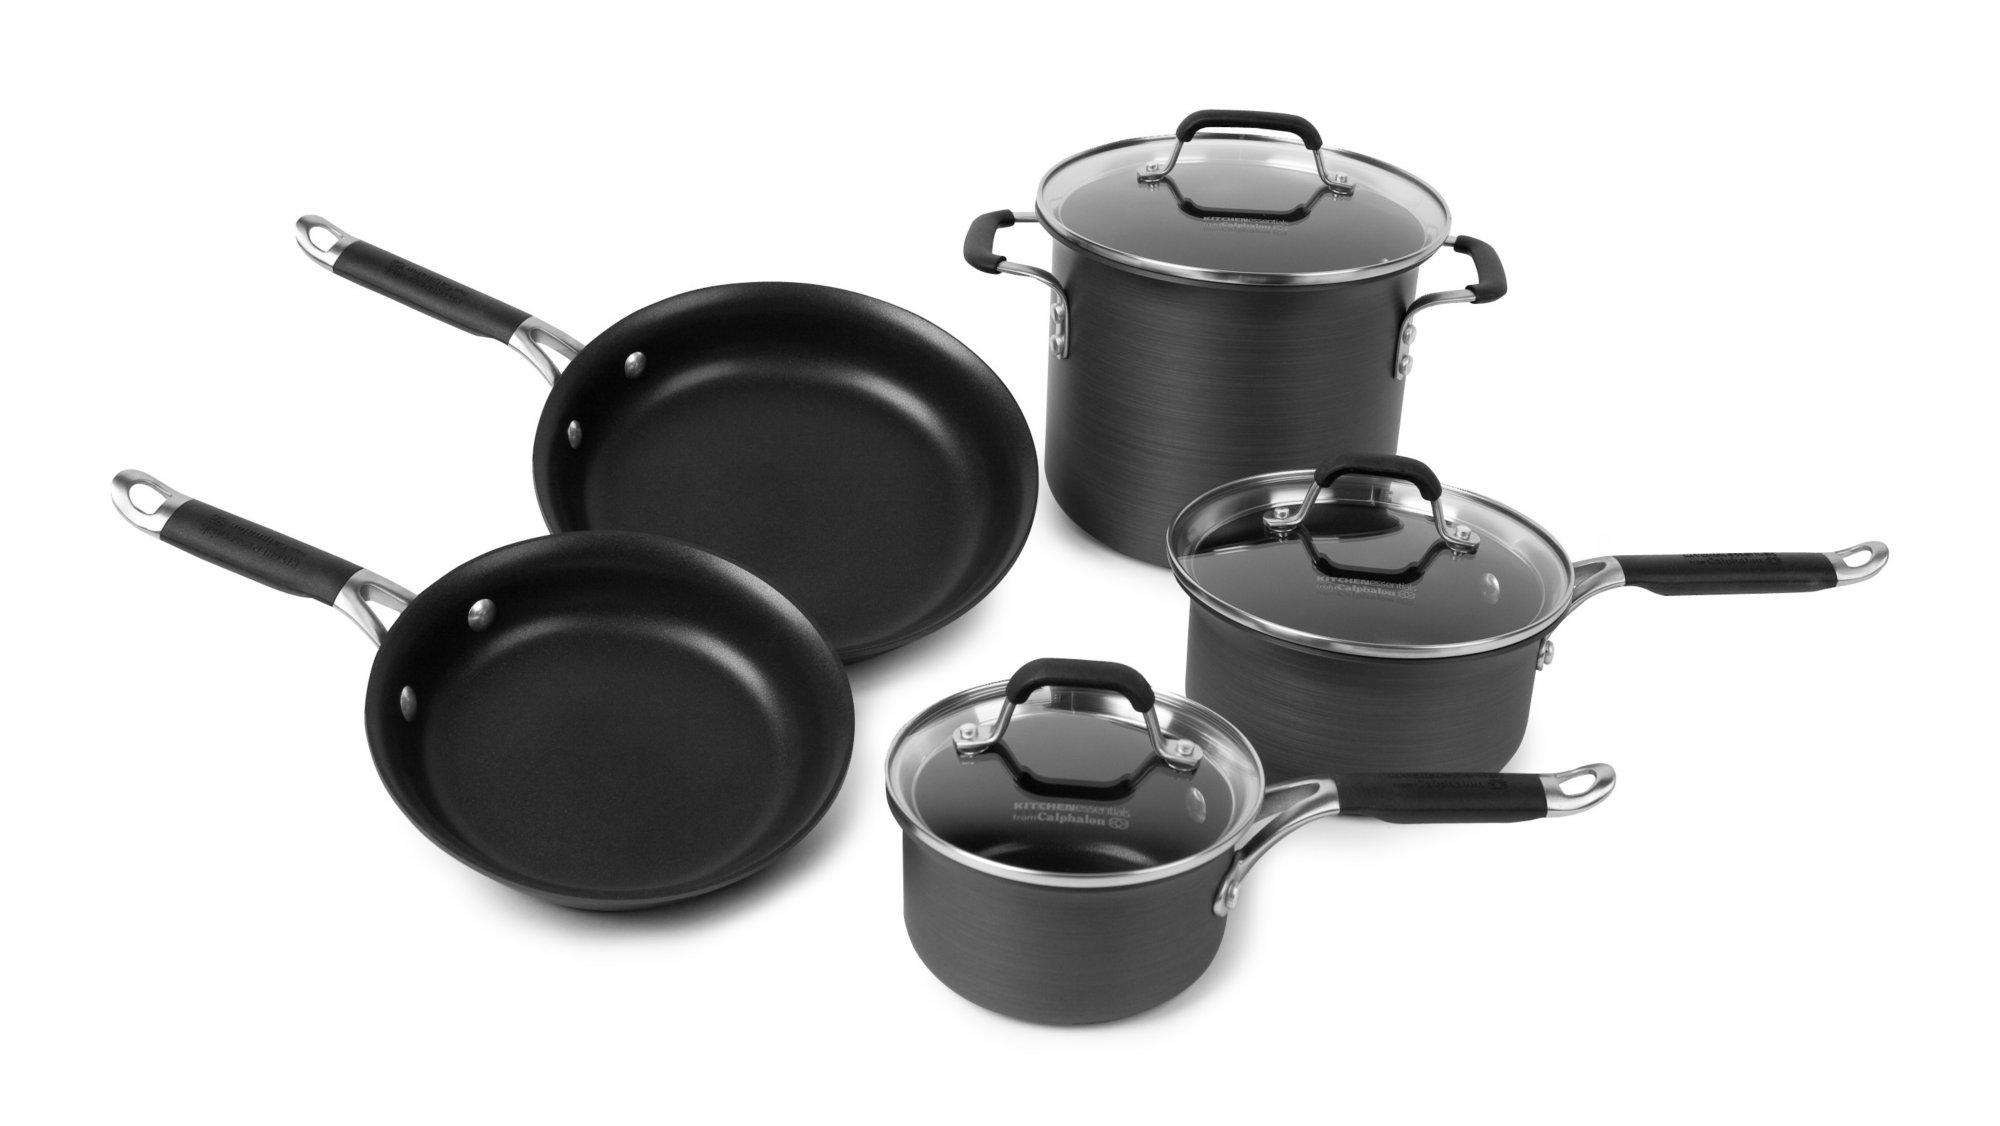 calphalon kitchen essentials dutch oven cast iron sinks nonstick 8 pc cookware set